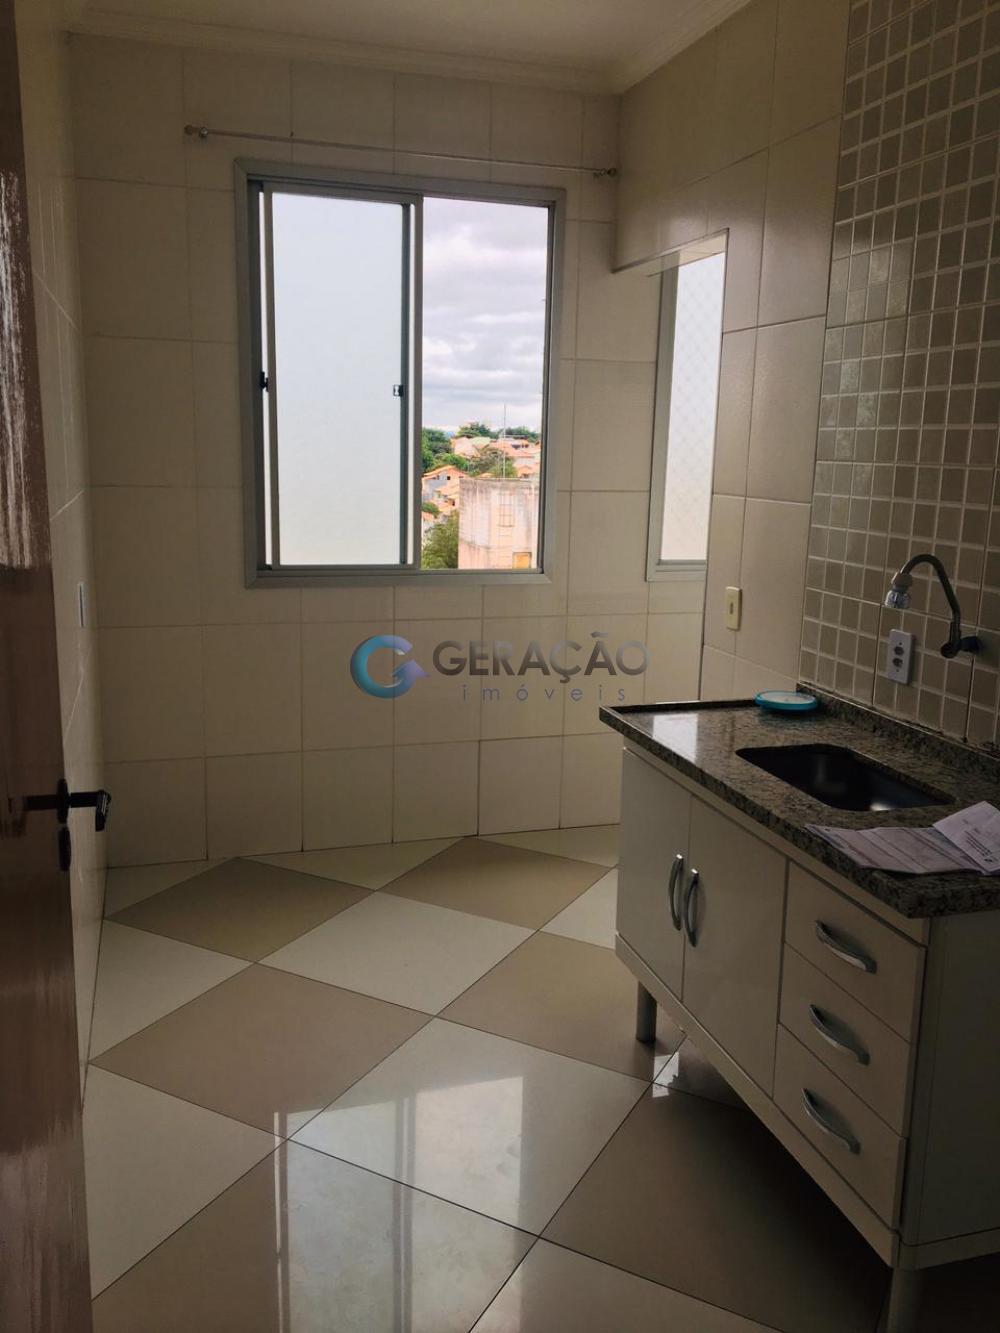 Comprar Apartamento / Padrão em São José dos Campos R$ 176.000,00 - Foto 5